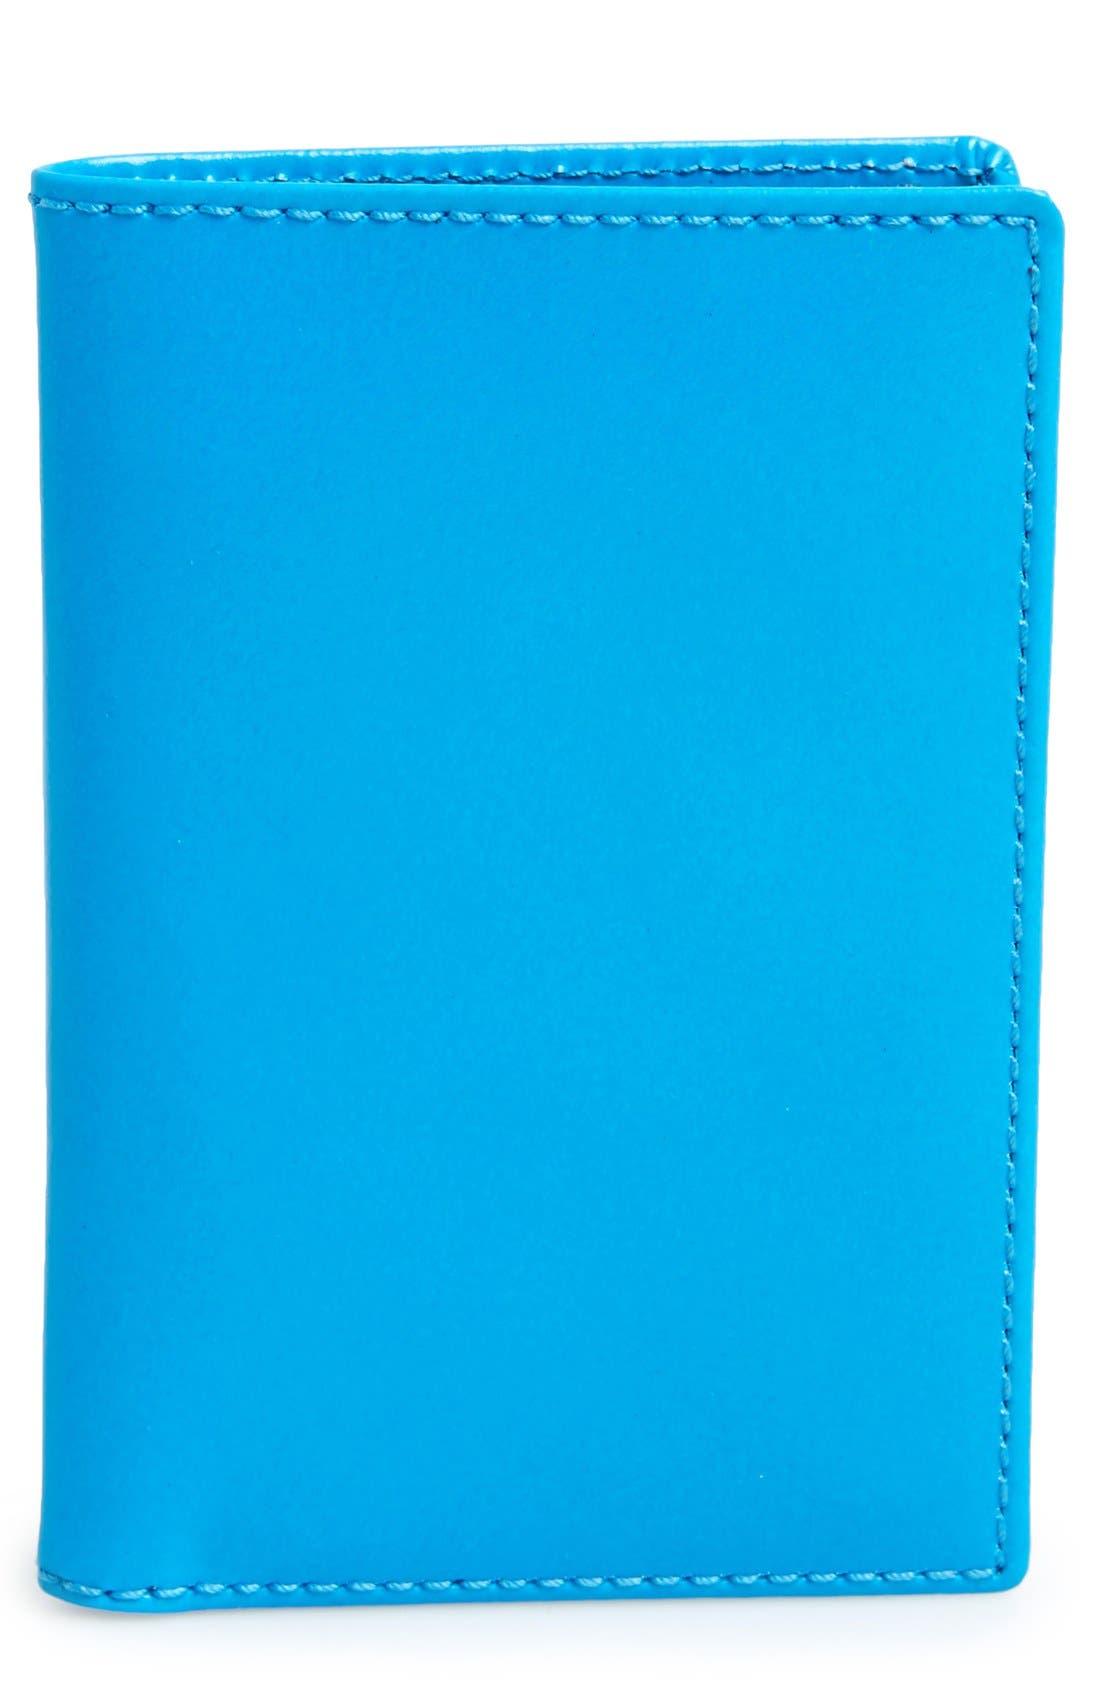 Main Image - Comme des Garçons 'Super Fluo' Leather Card Case